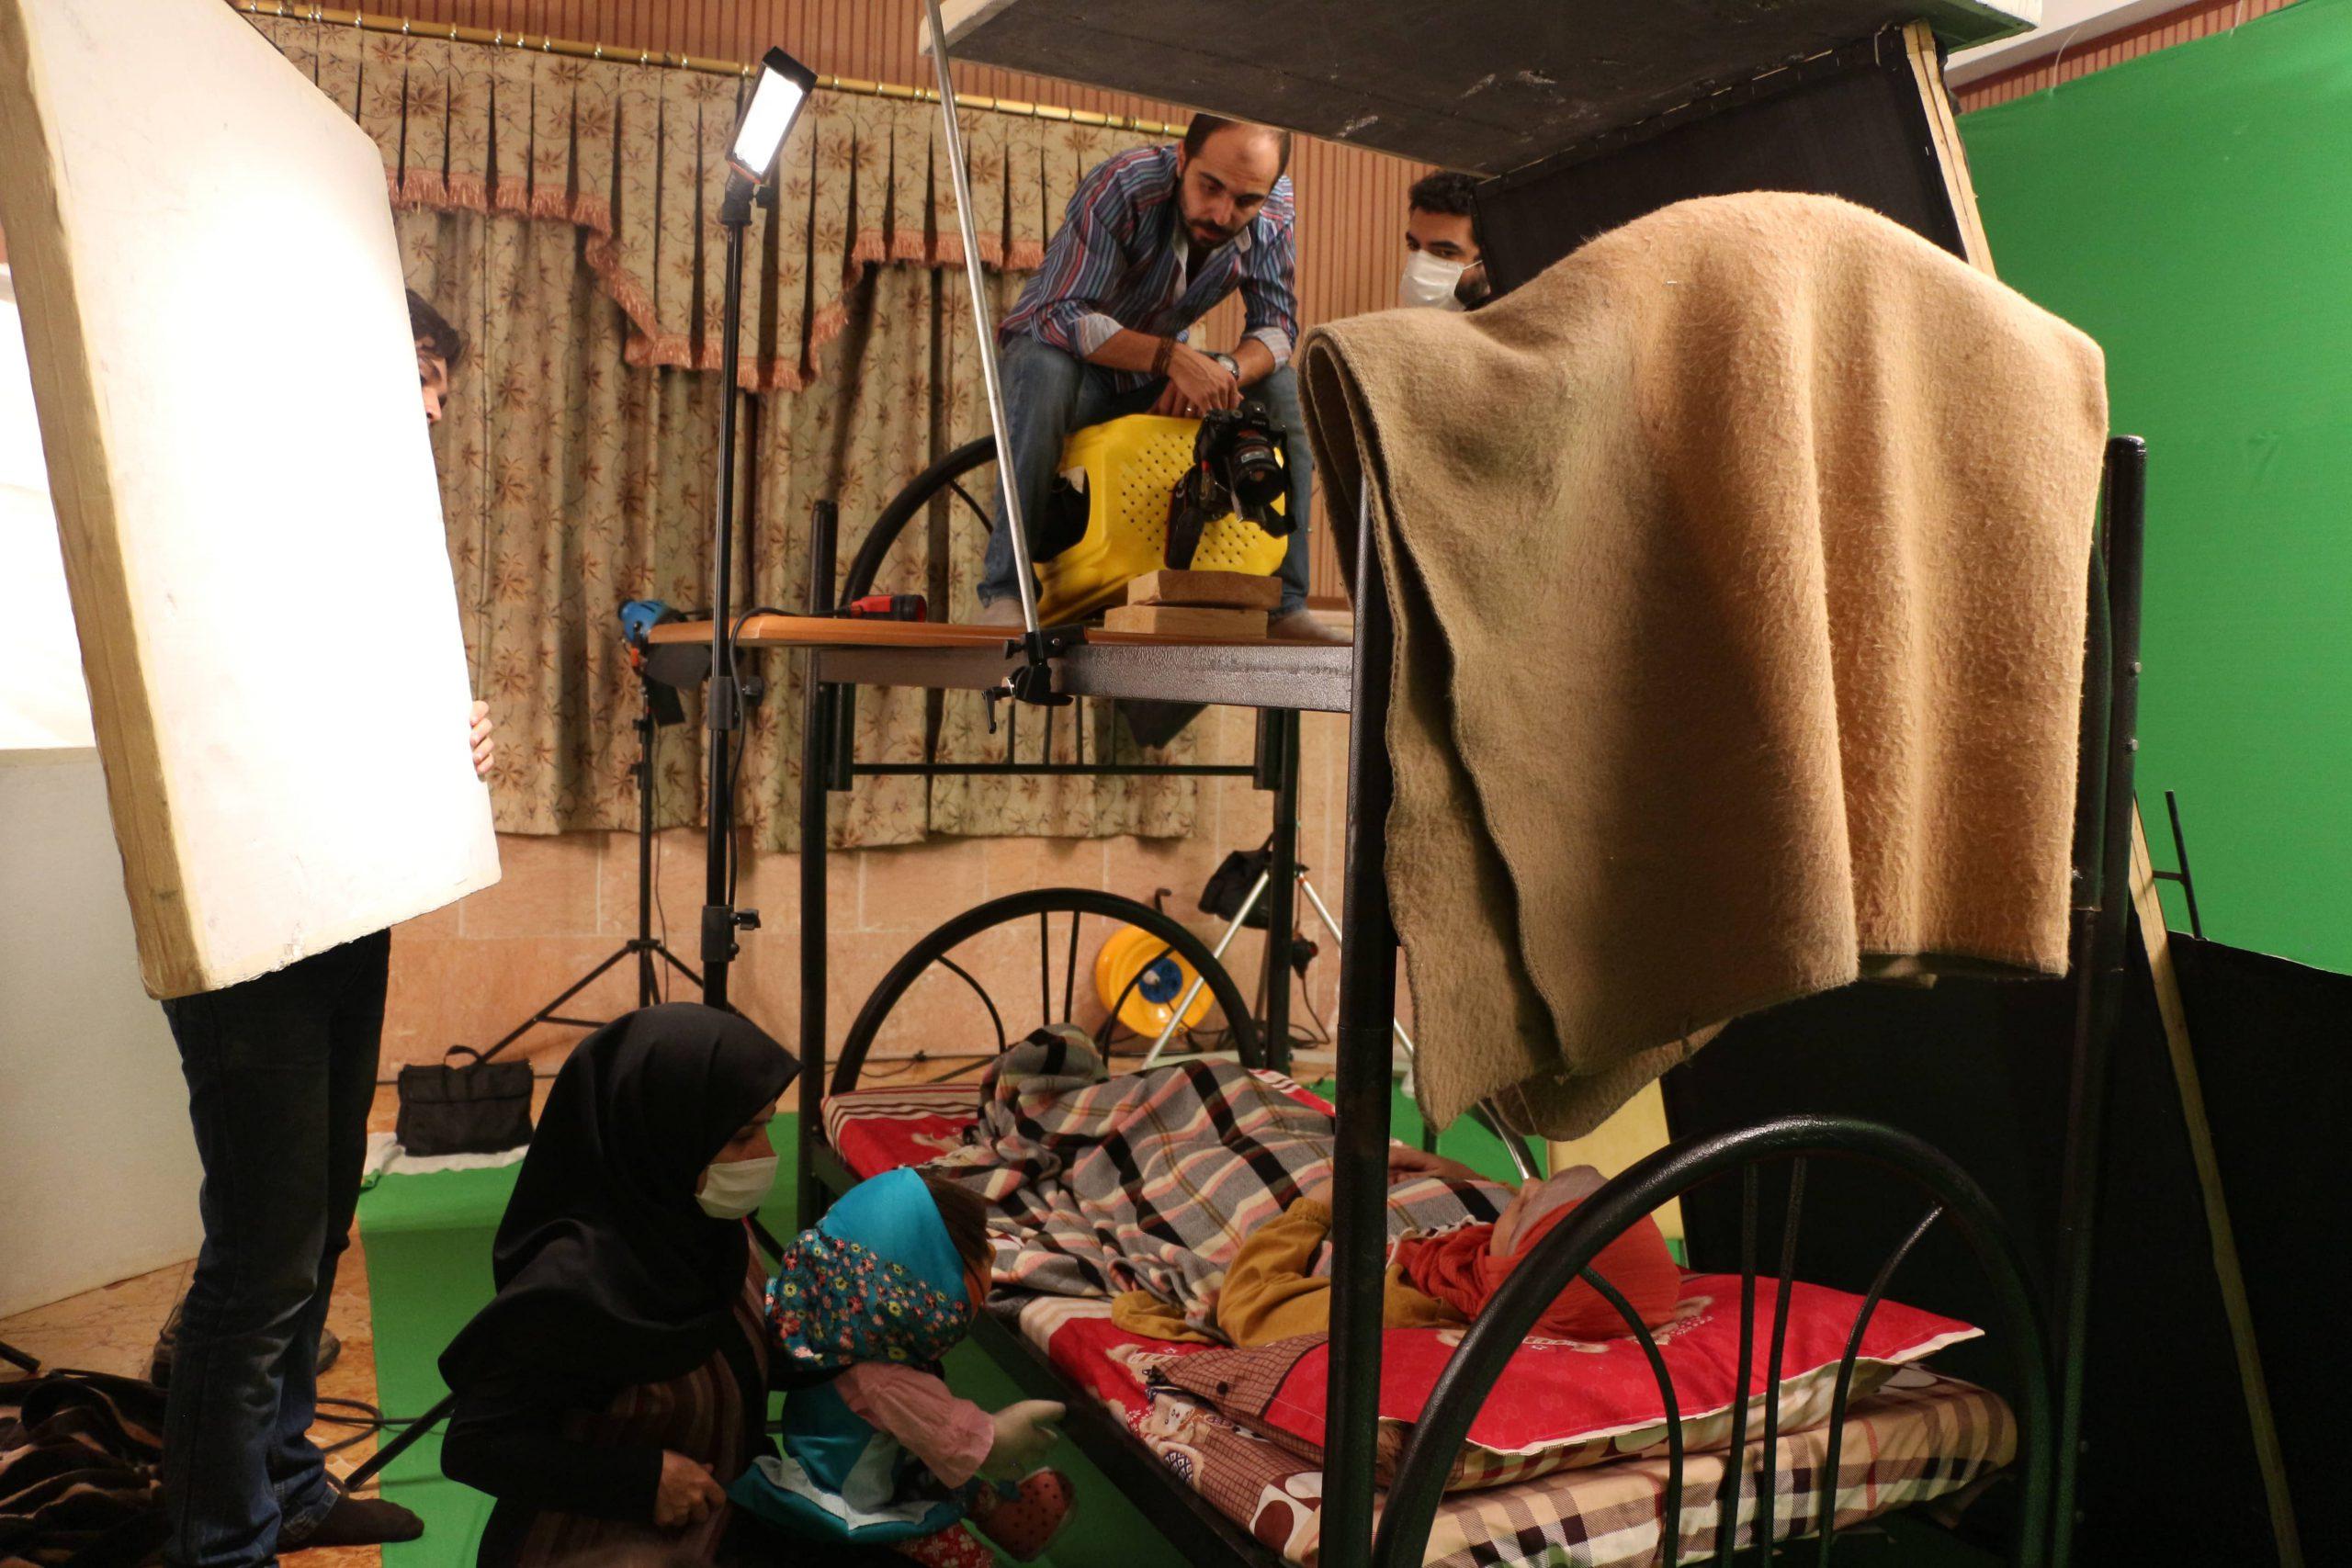 """Behind the scenes """"Tele Pele"""" Teddy TV series"""